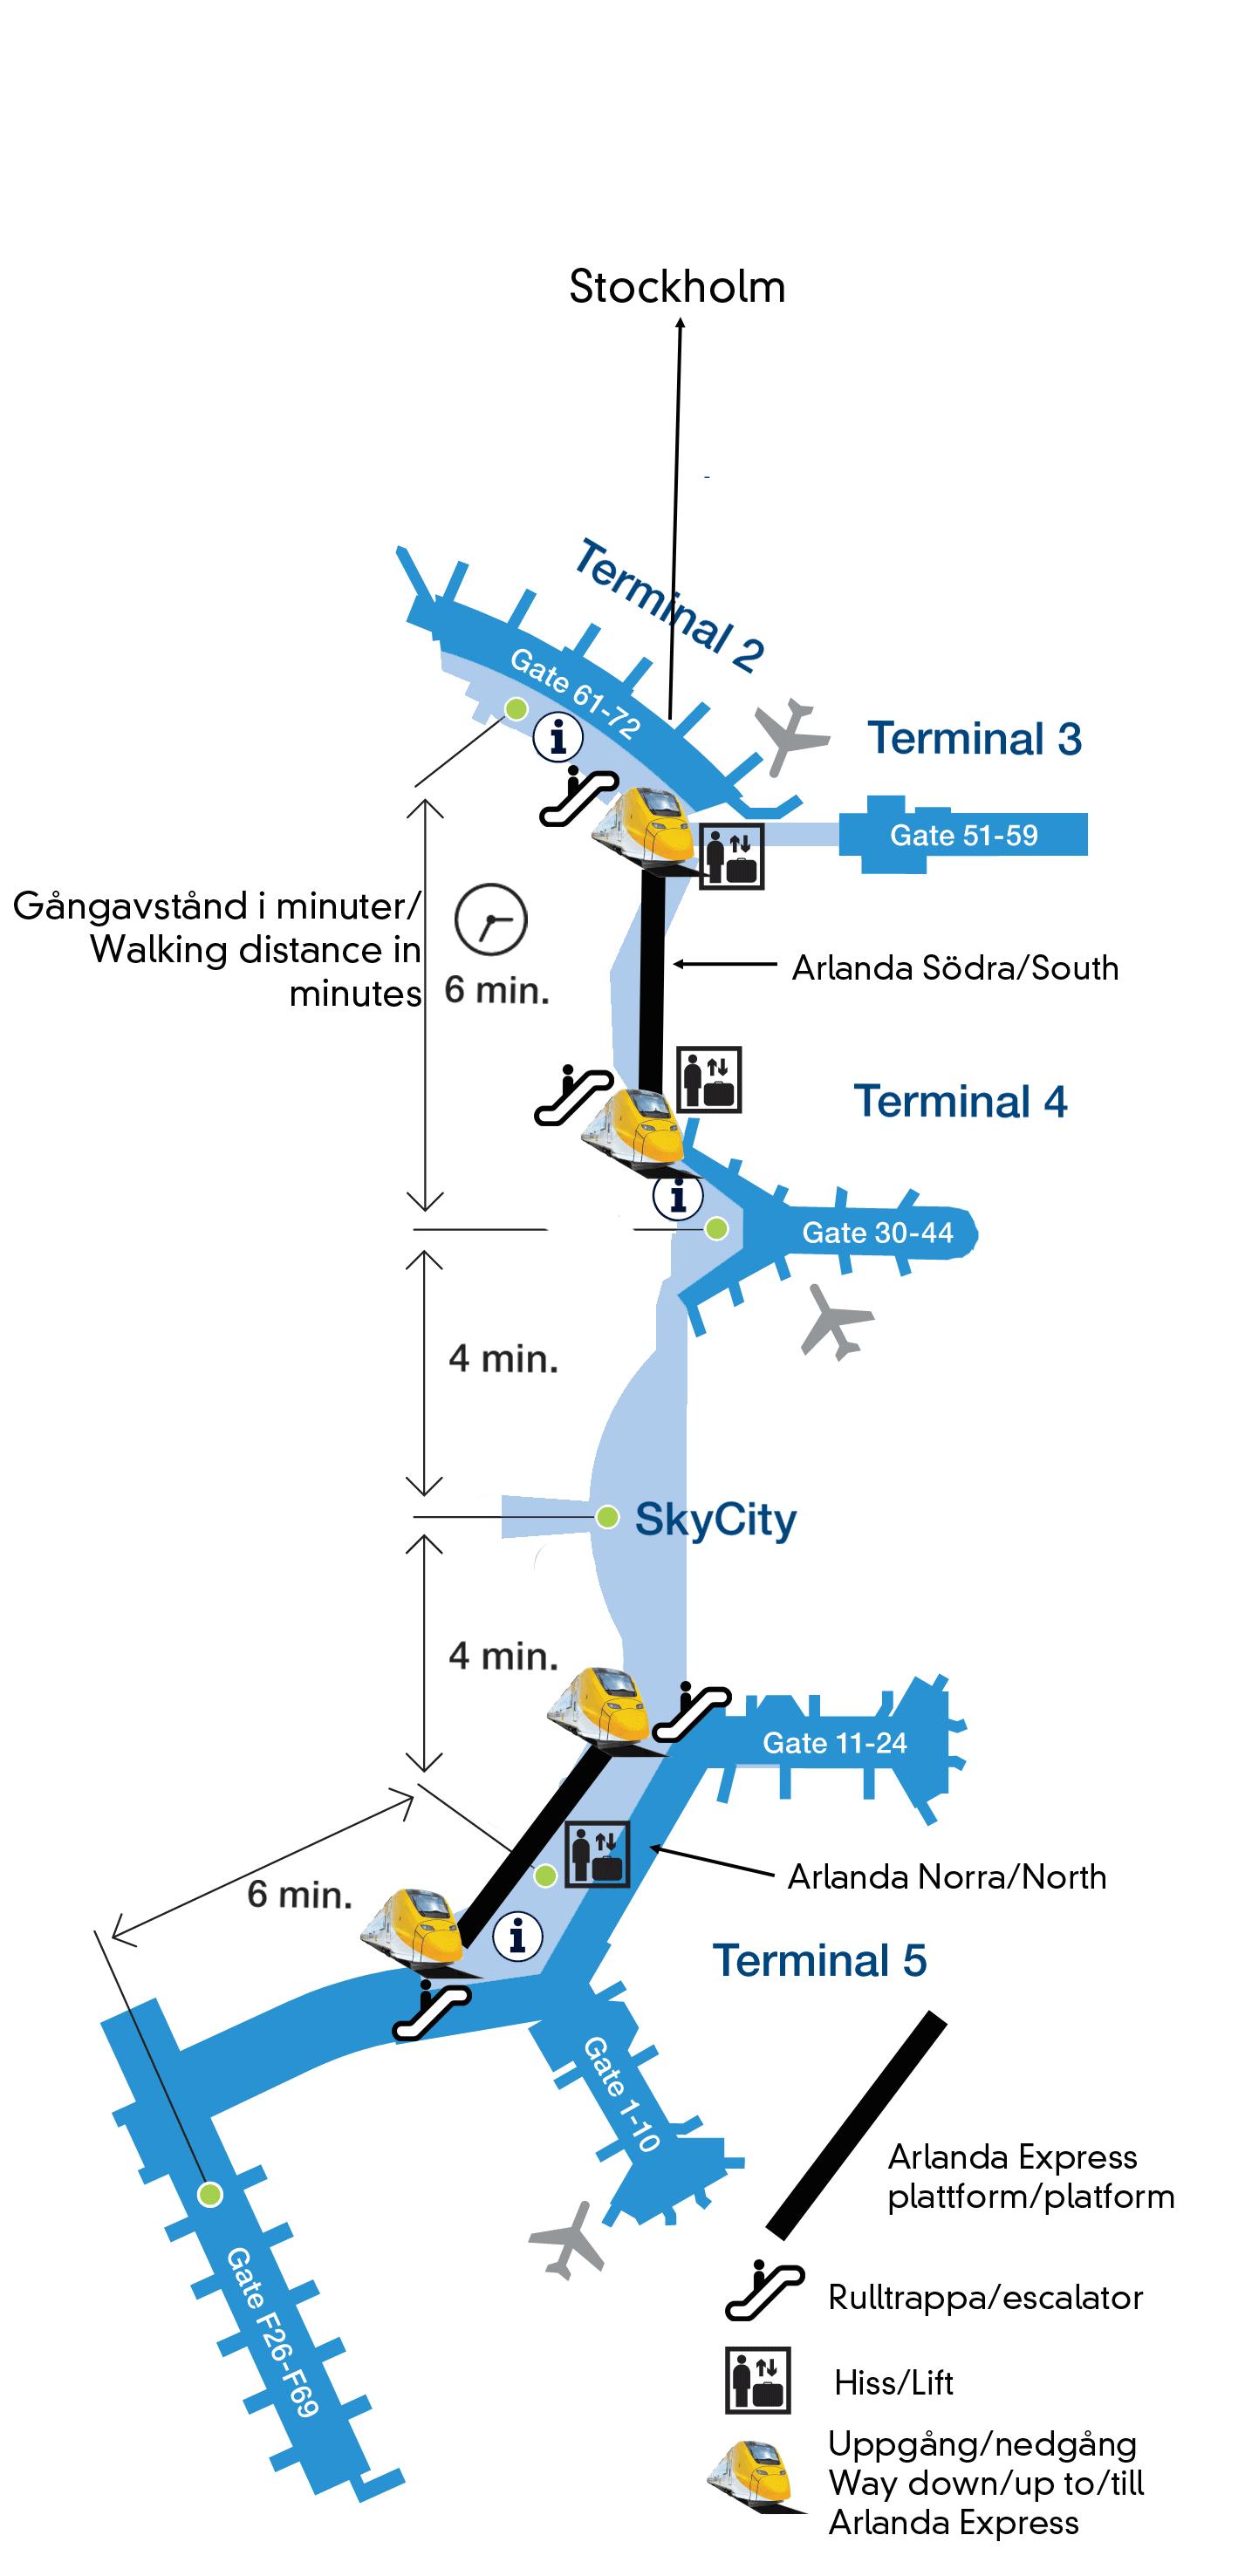 откуда отправляются поезда Arlanda Express